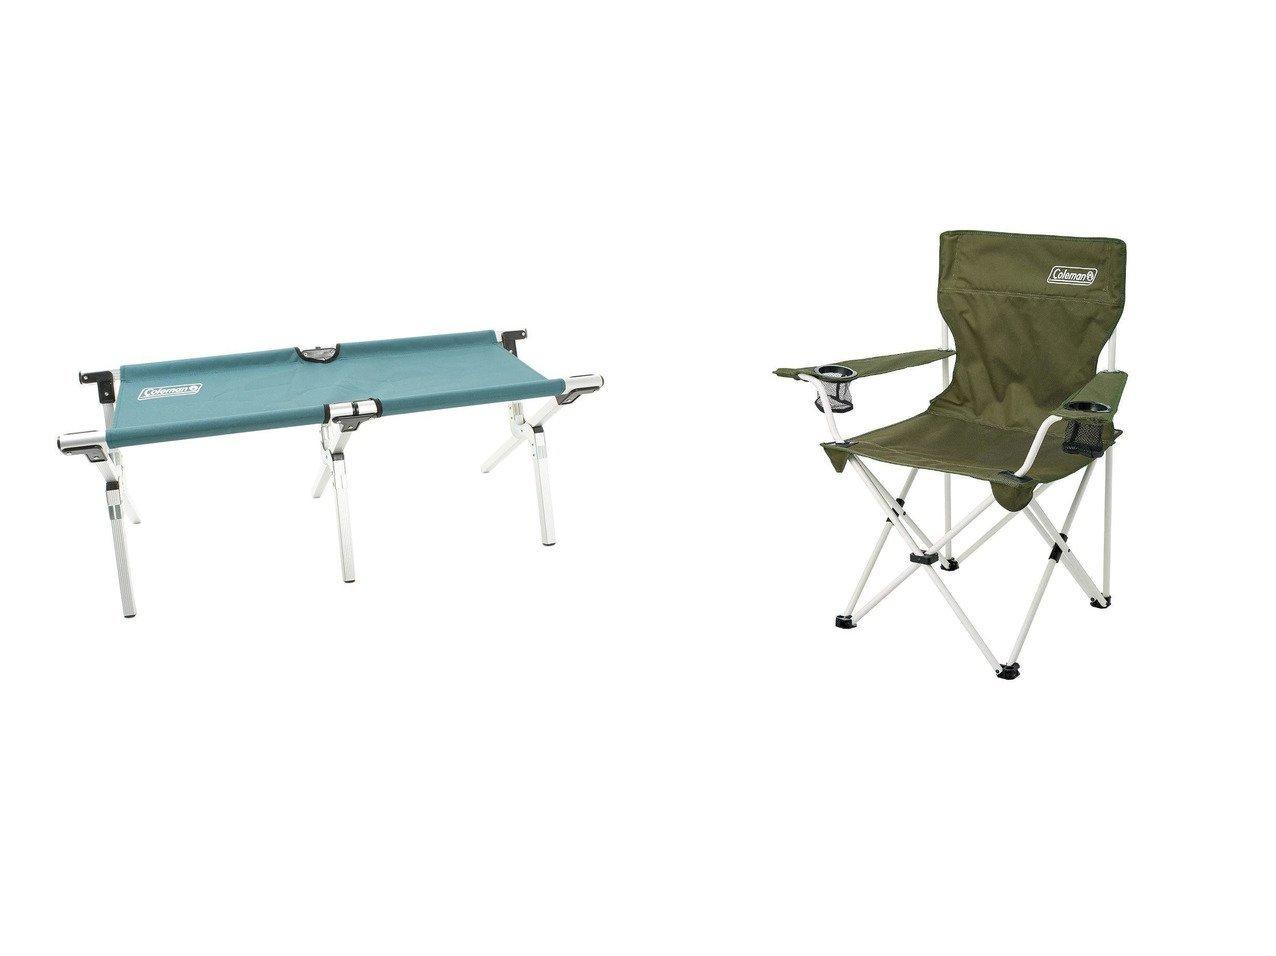 【coleman/コールマン】の椅子 チェア スチール アウトドア リゾートチェア (オリーブ)2000033560&アウトドア チェア 三折りベンチ 170A5548 おすすめ!人気キャンプ・アウトドア用品の通販 おすすめで人気の流行・トレンド、ファッションの通販商品 メンズファッション・キッズファッション・インテリア・家具・レディースファッション・服の通販 founy(ファニー) https://founy.com/ ファッション Fashion レディースファッション WOMEN S/S・春夏 SS・Spring/Summer アウトドア フレーム 春 Spring ホーム・キャンプ・アウトドア Home,Garden,Outdoor,Camping Gear キャンプ用品・アウトドア  Camping Gear & Outdoor Supplies チェア テーブル Camp Chairs, Camping Tables  ID:crp329100000035240